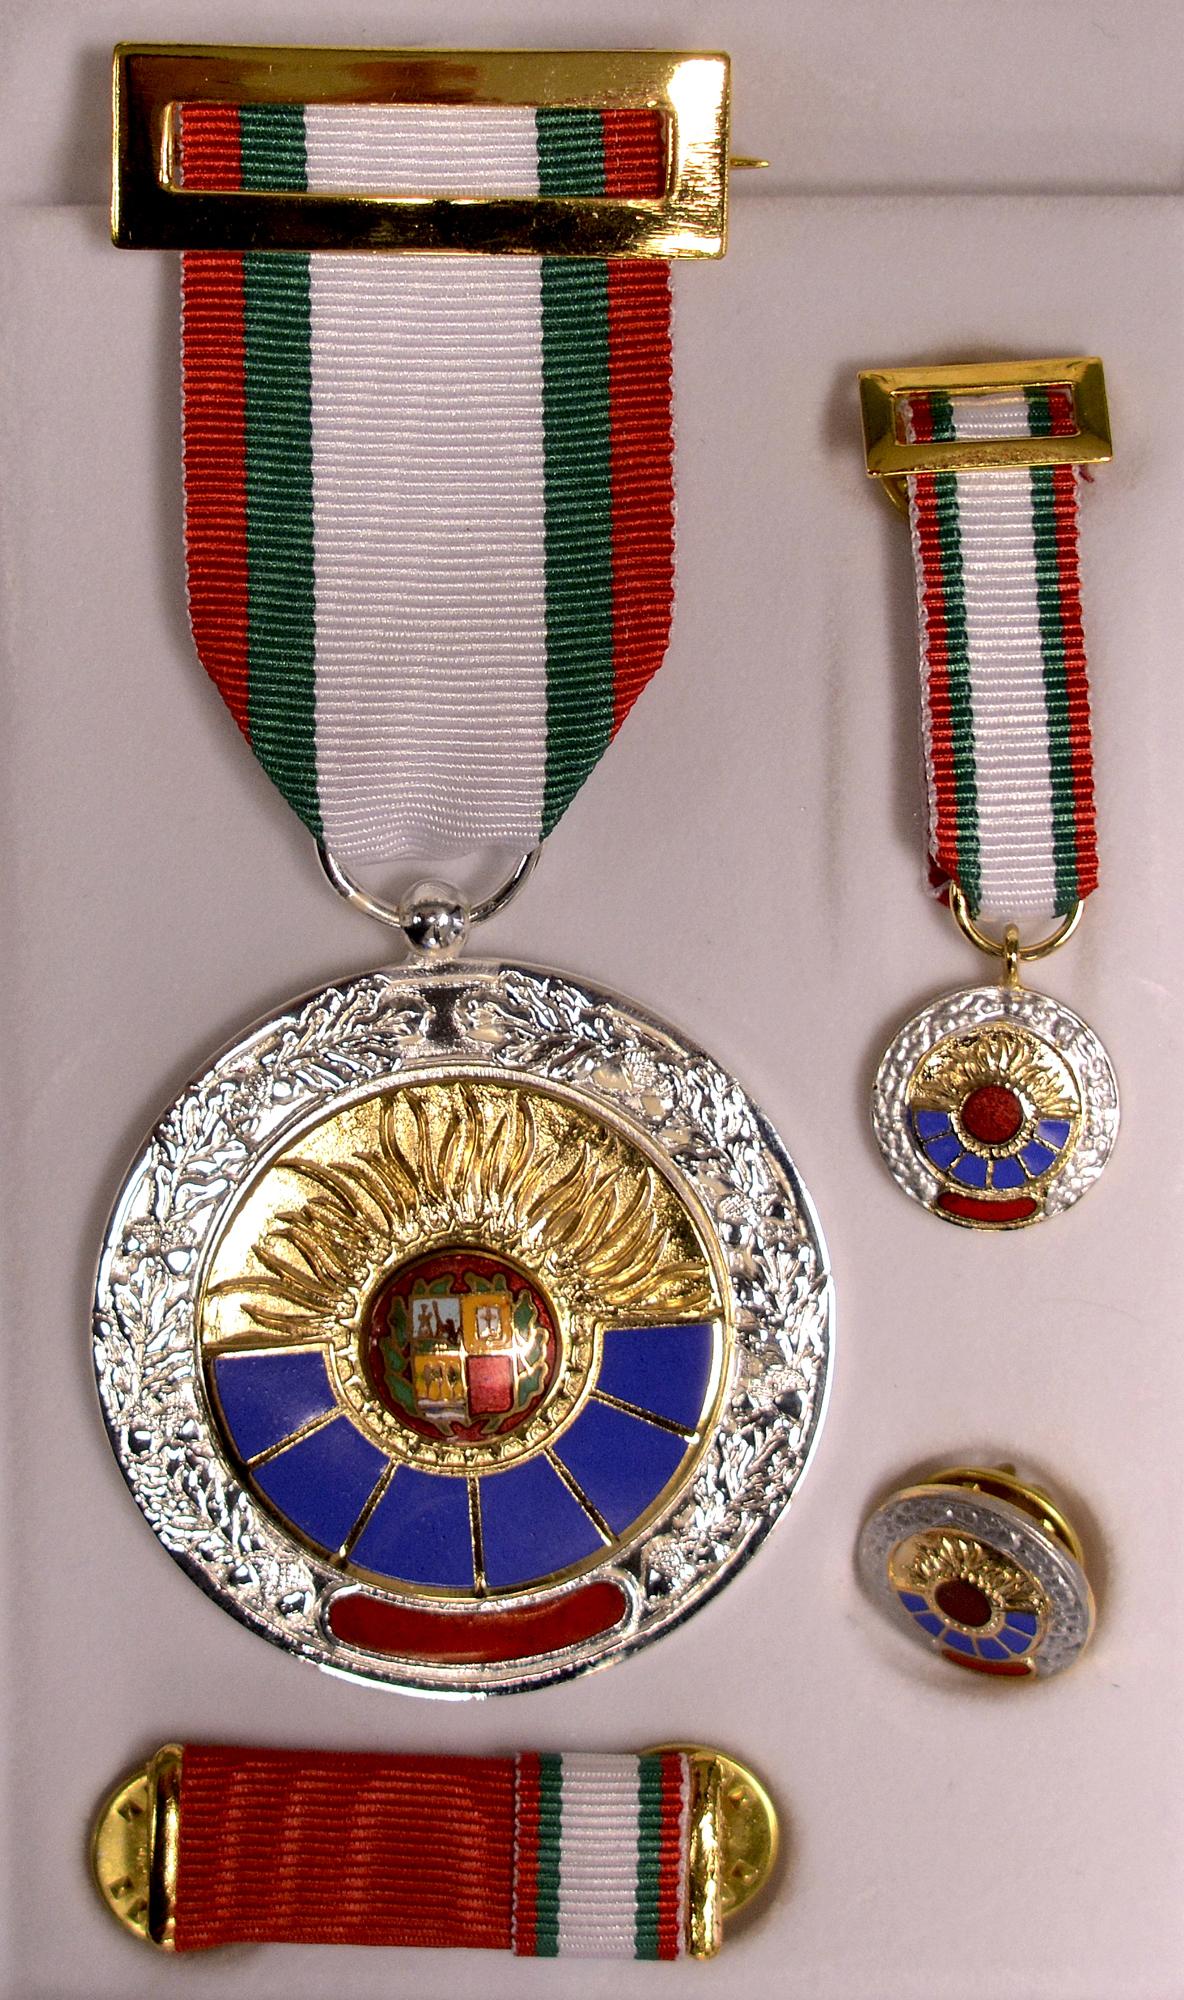 Ceremonia de entrega de los premios del feda - 1 8